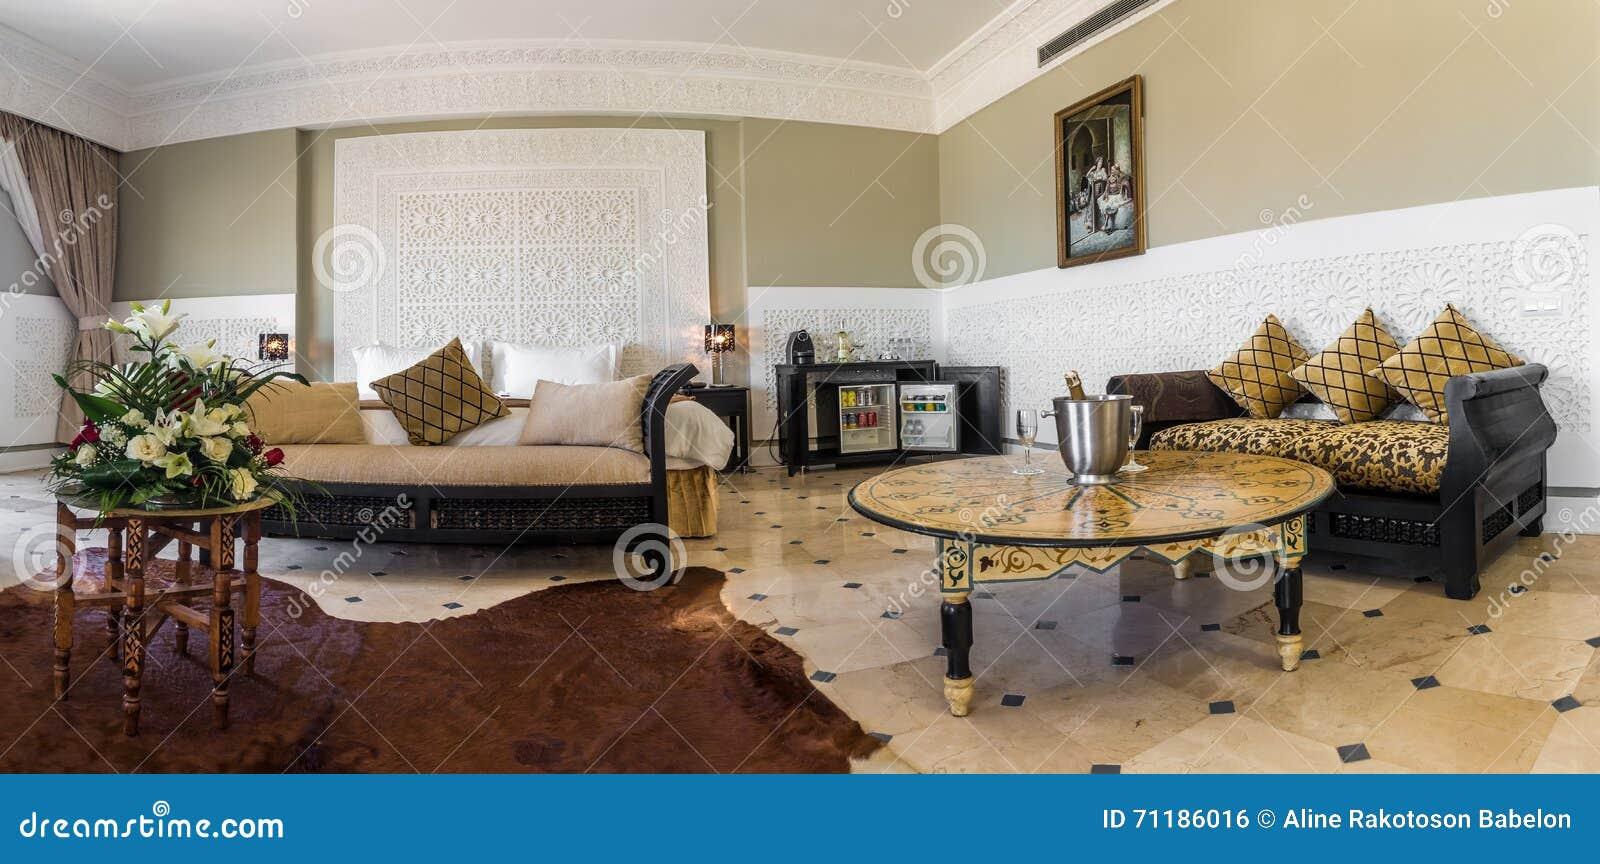 Camera Da Letto Stile Marocco : Serie marocchina della stanza fotografia stock immagine di arabo